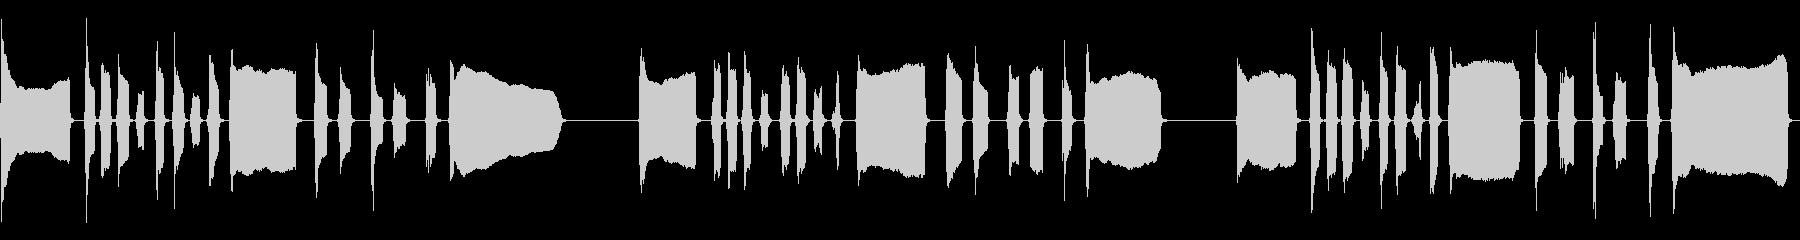 バグコール#3、ハーフトーンインク...の未再生の波形